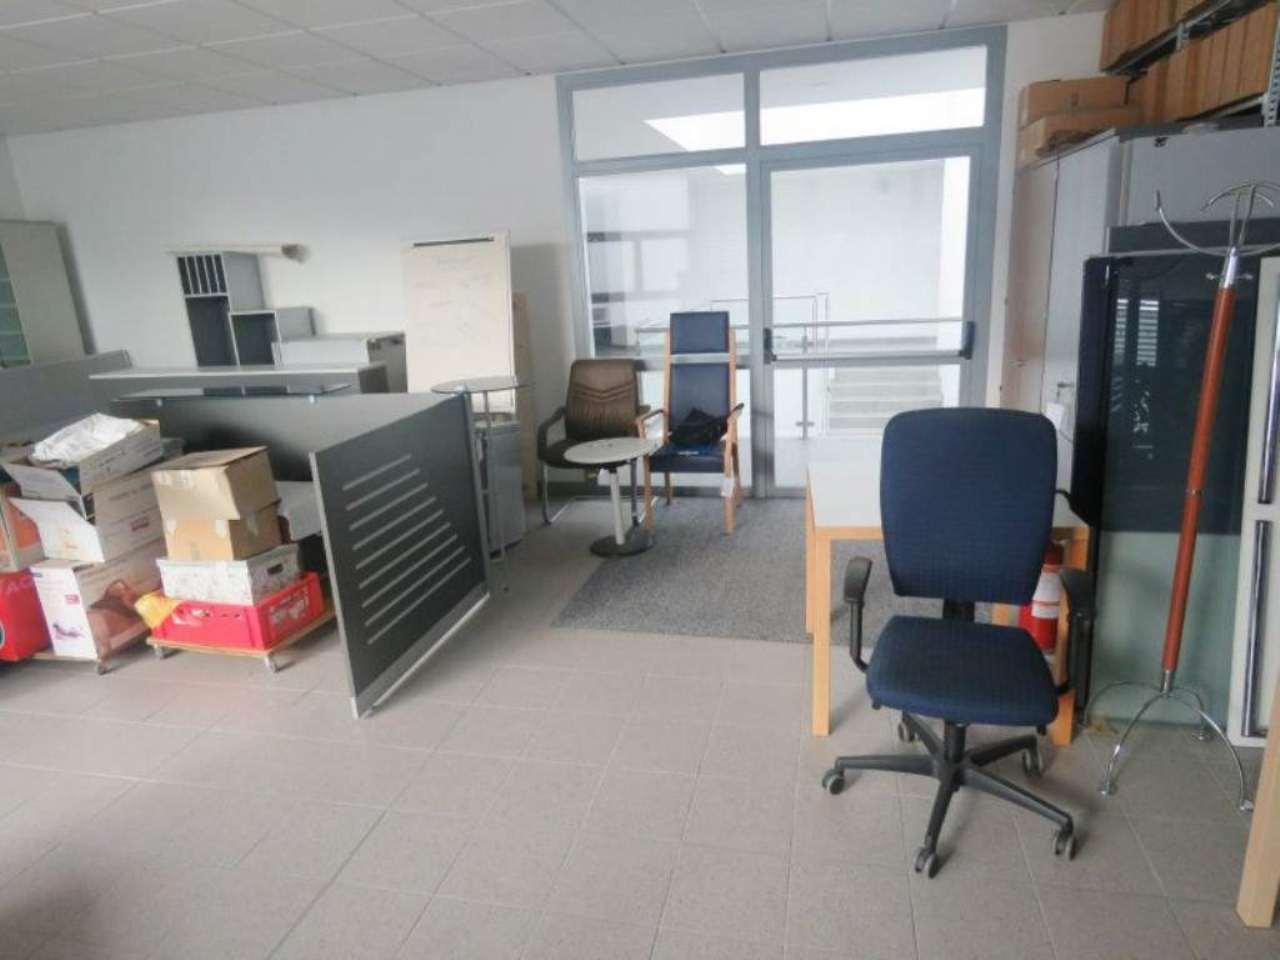 Ufficio / Studio in vendita a Merano, 1 locali, Trattative riservate | Cambio Casa.it